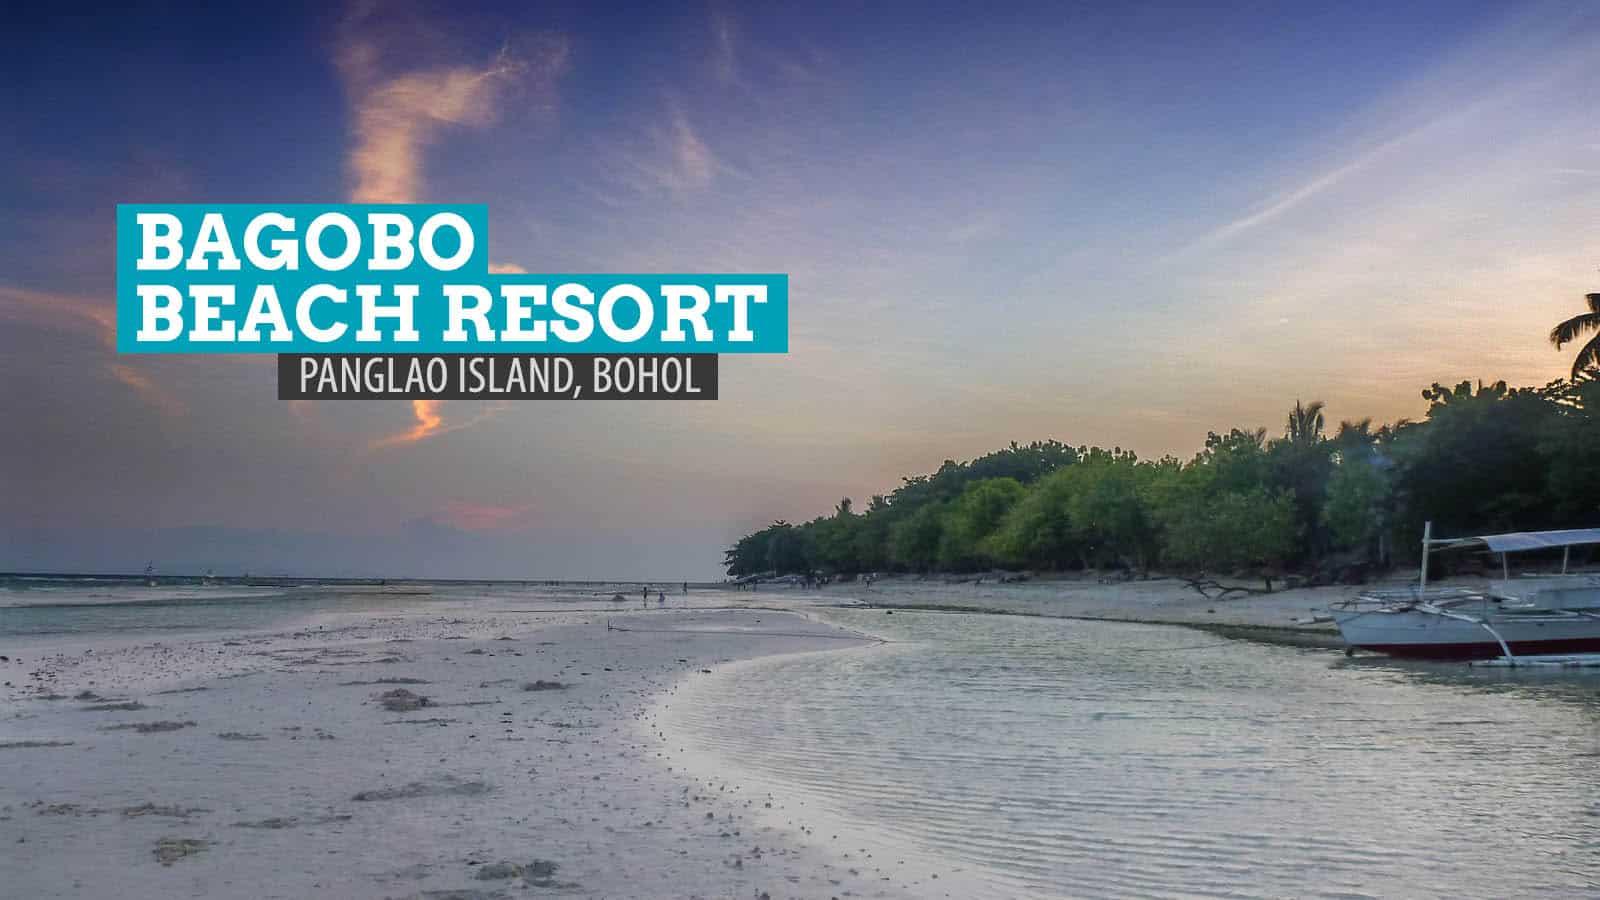 评论。Bohol邦劳岛的Bagobo海滩度假村   穷游者的行程博客